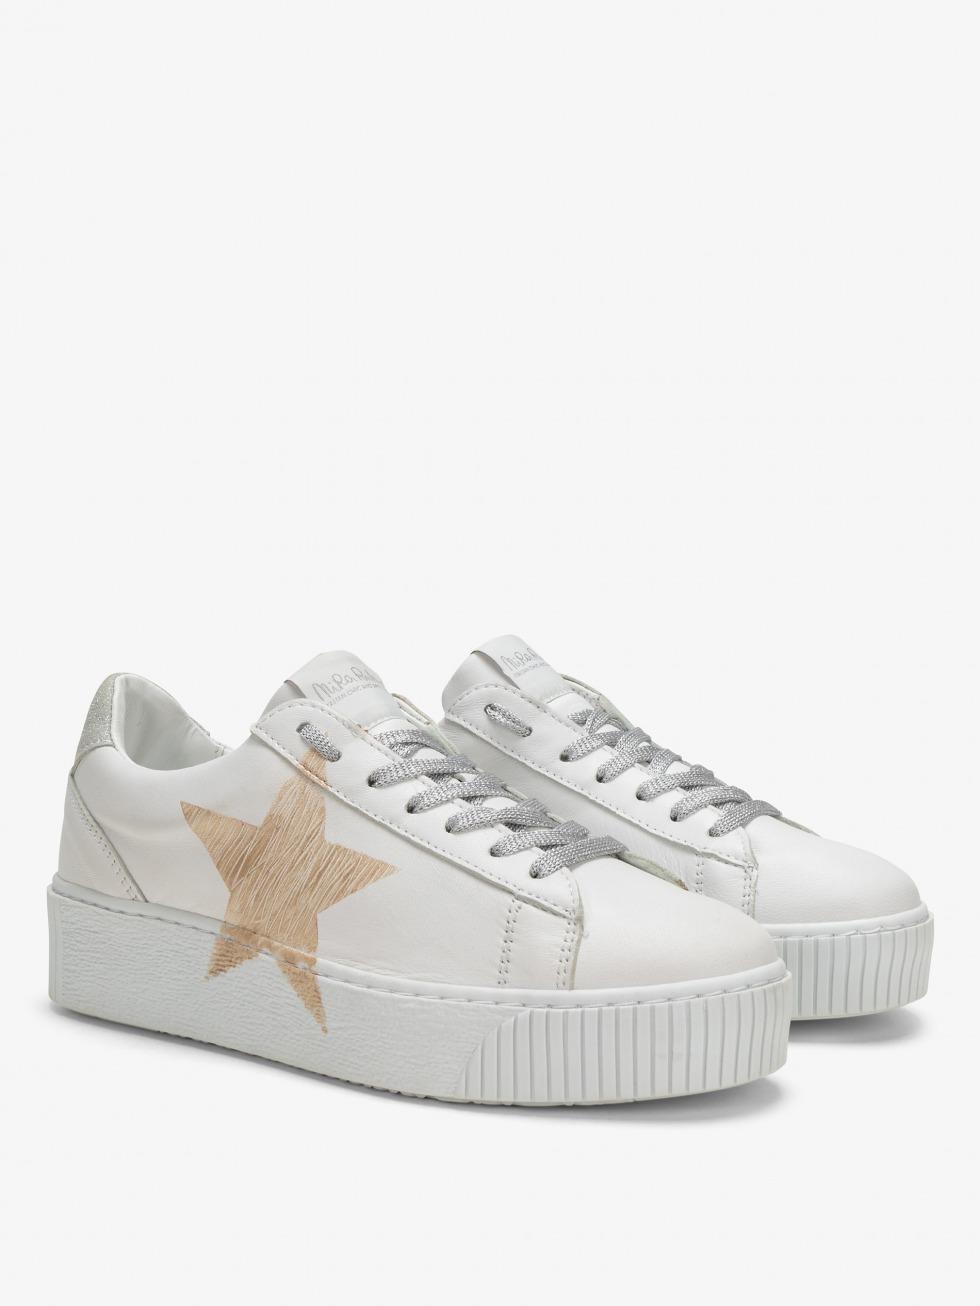 Cosmopolitan Sneakers Luxury Silver - Star